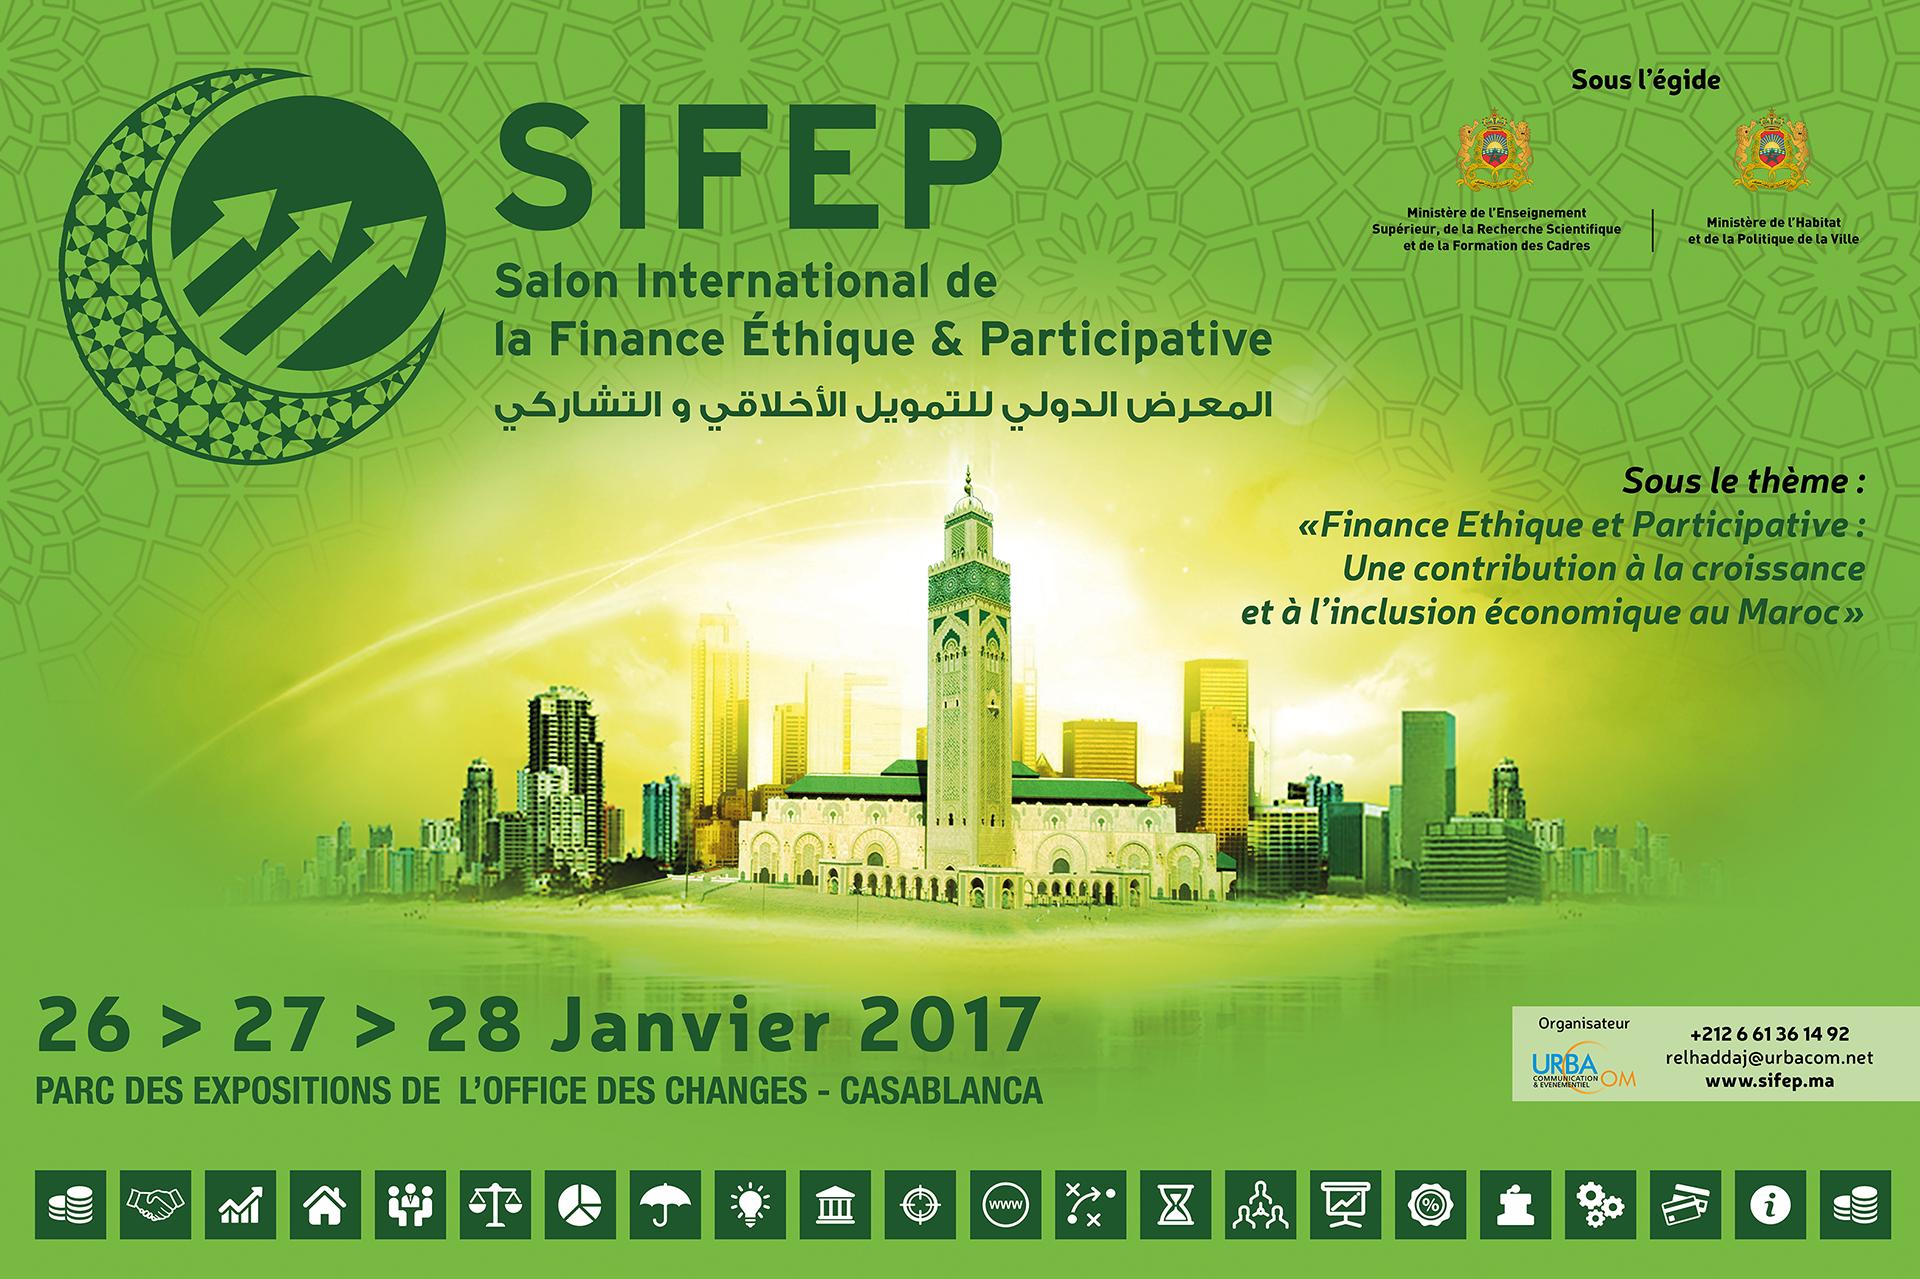 Salon SIFEP 2017